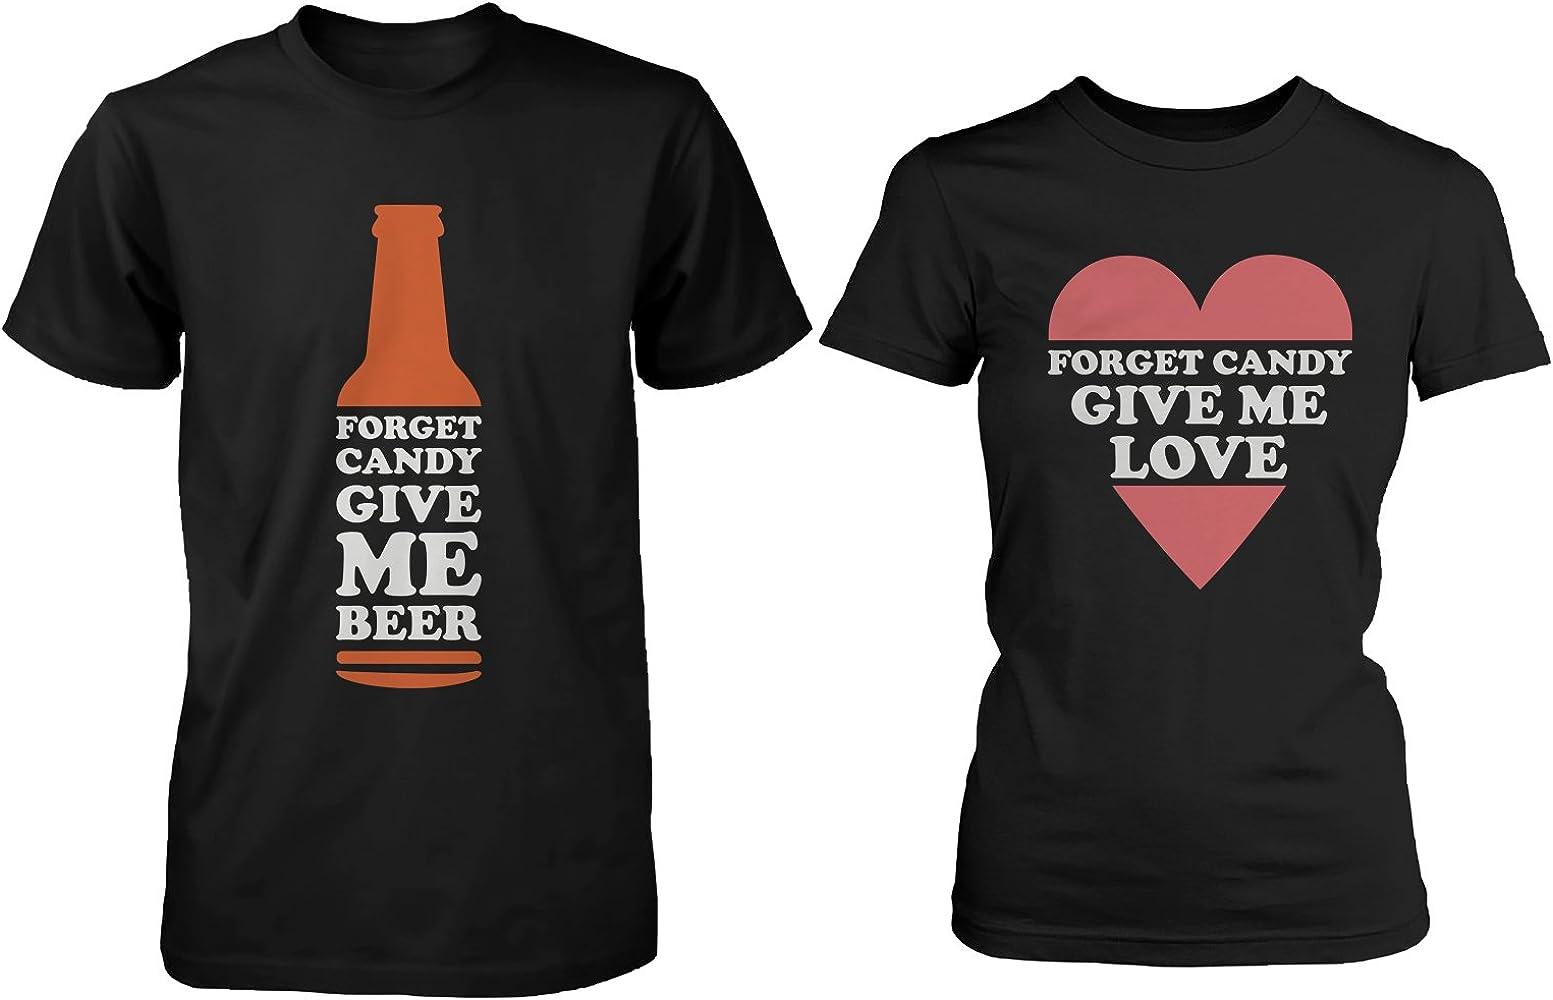 365 In Love Funny Halloween Pareja Camisas Forget Candy Give Me Cerveza y Amor - Negro - izquierda - 3XL/derecho - XXL: Amazon.es: Ropa y accesorios